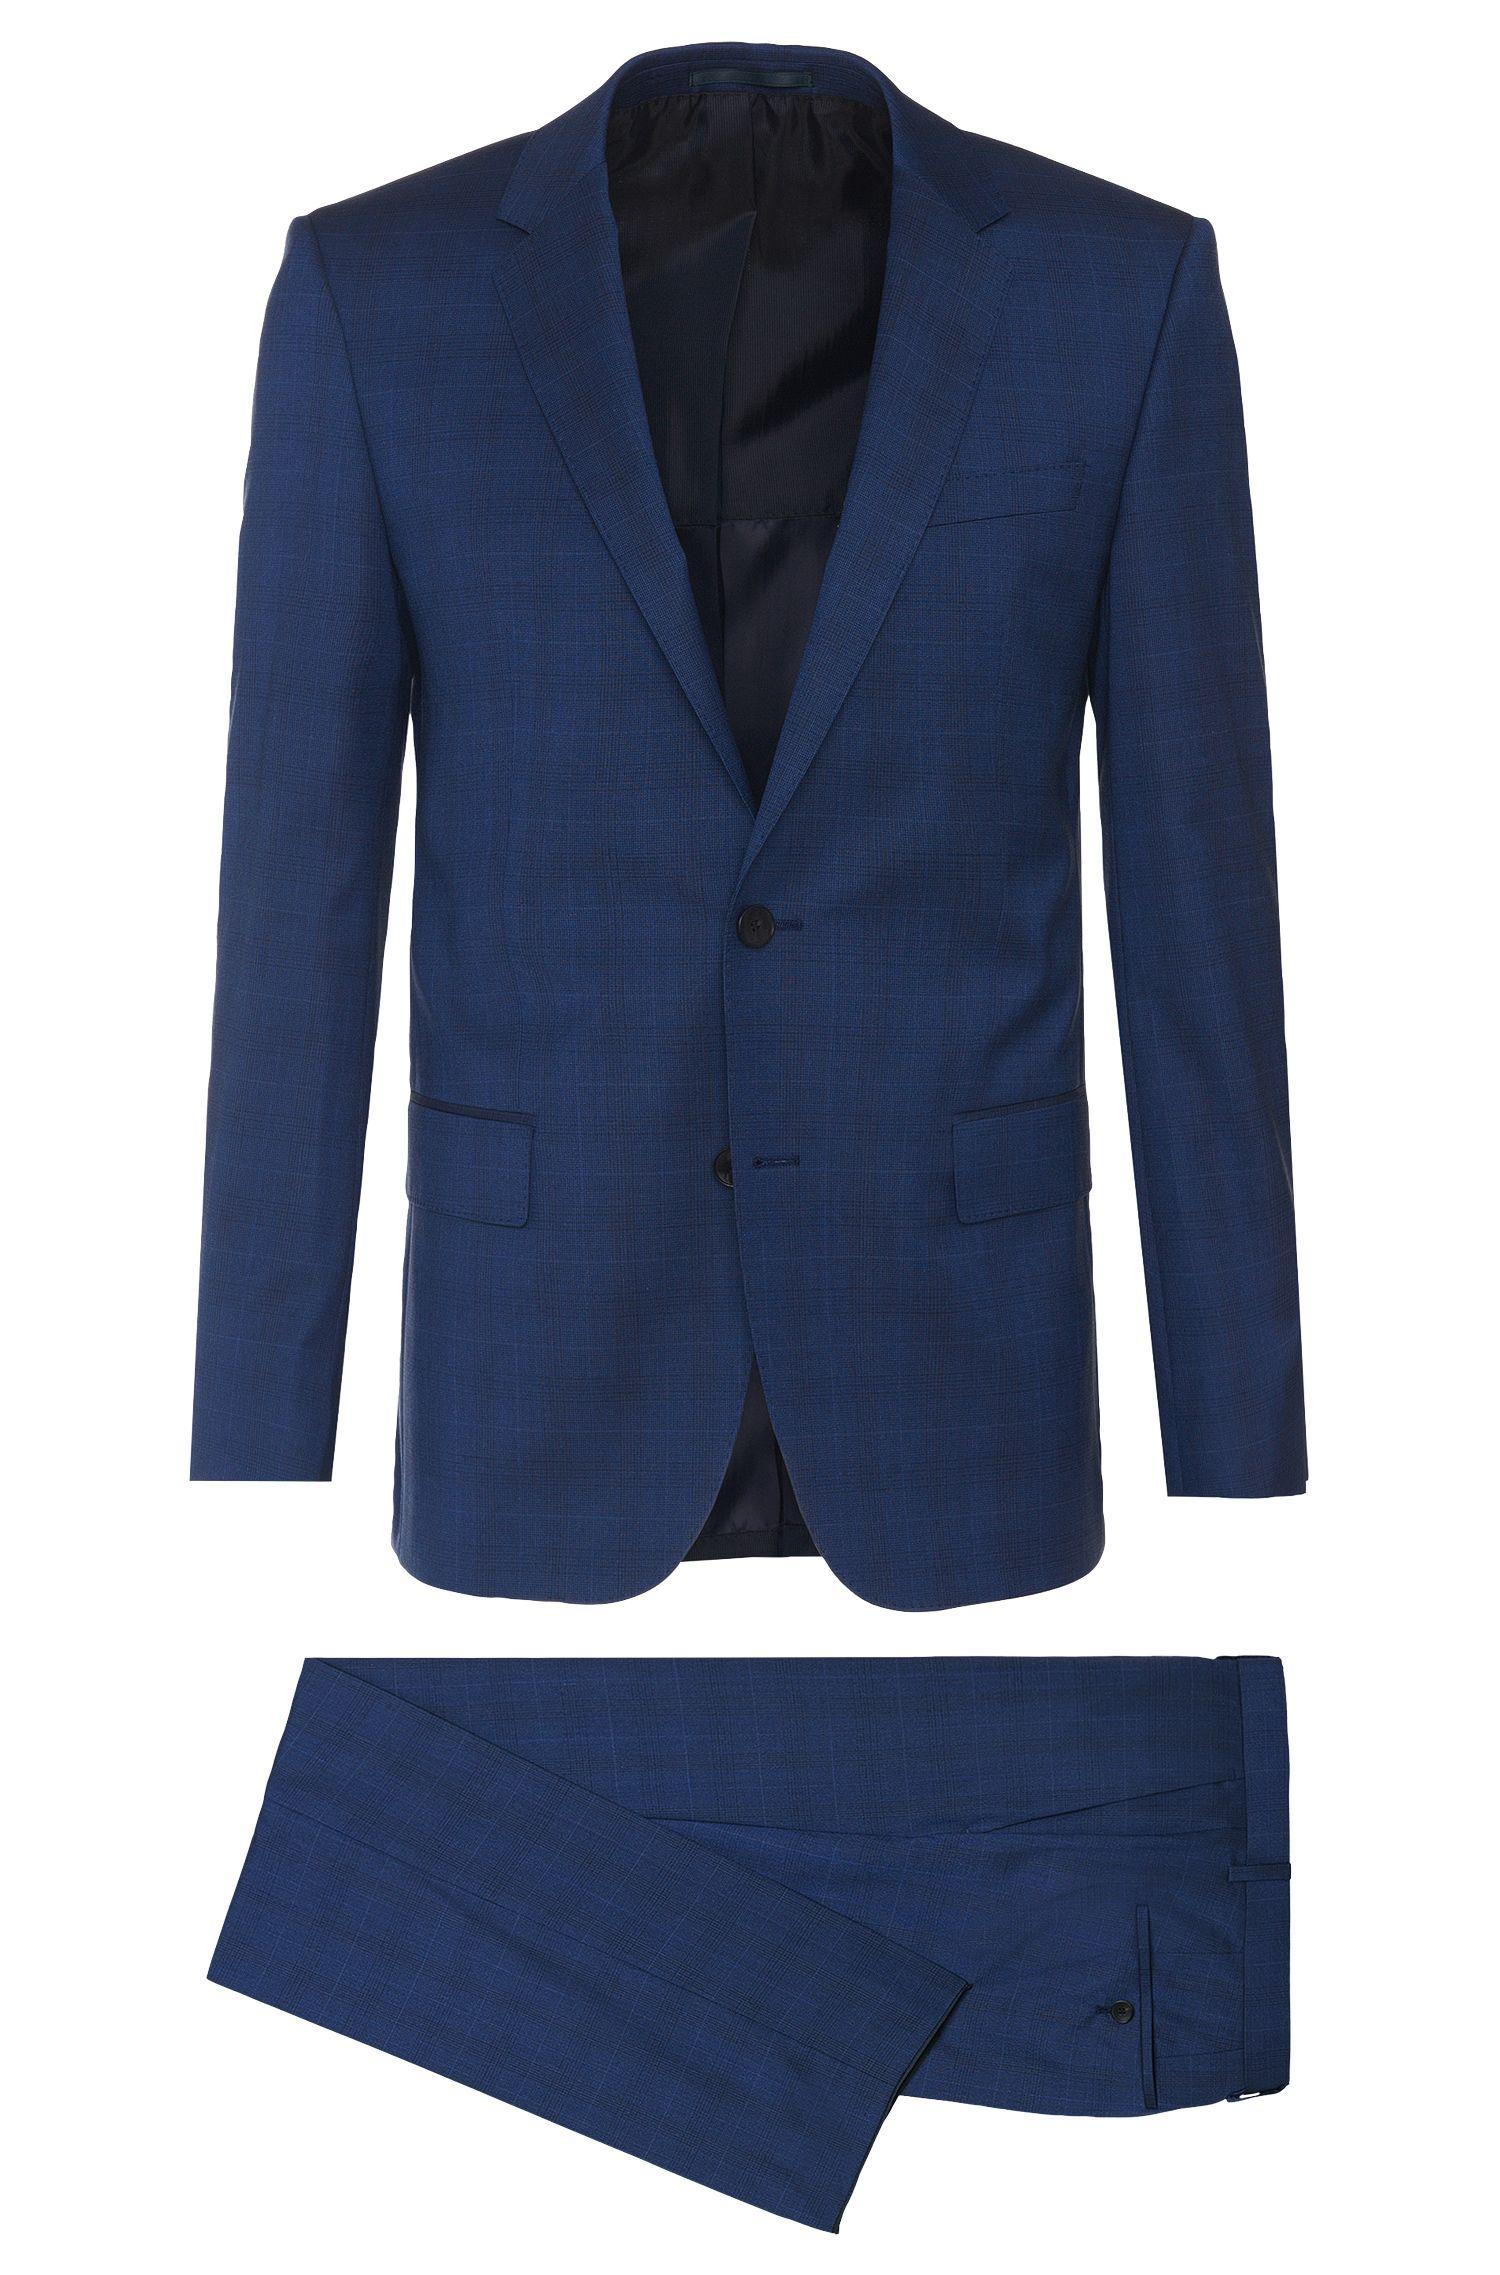 'Huge/Genius' | Slim Fit, Italian Virgin Wool Silk Patterned Suit